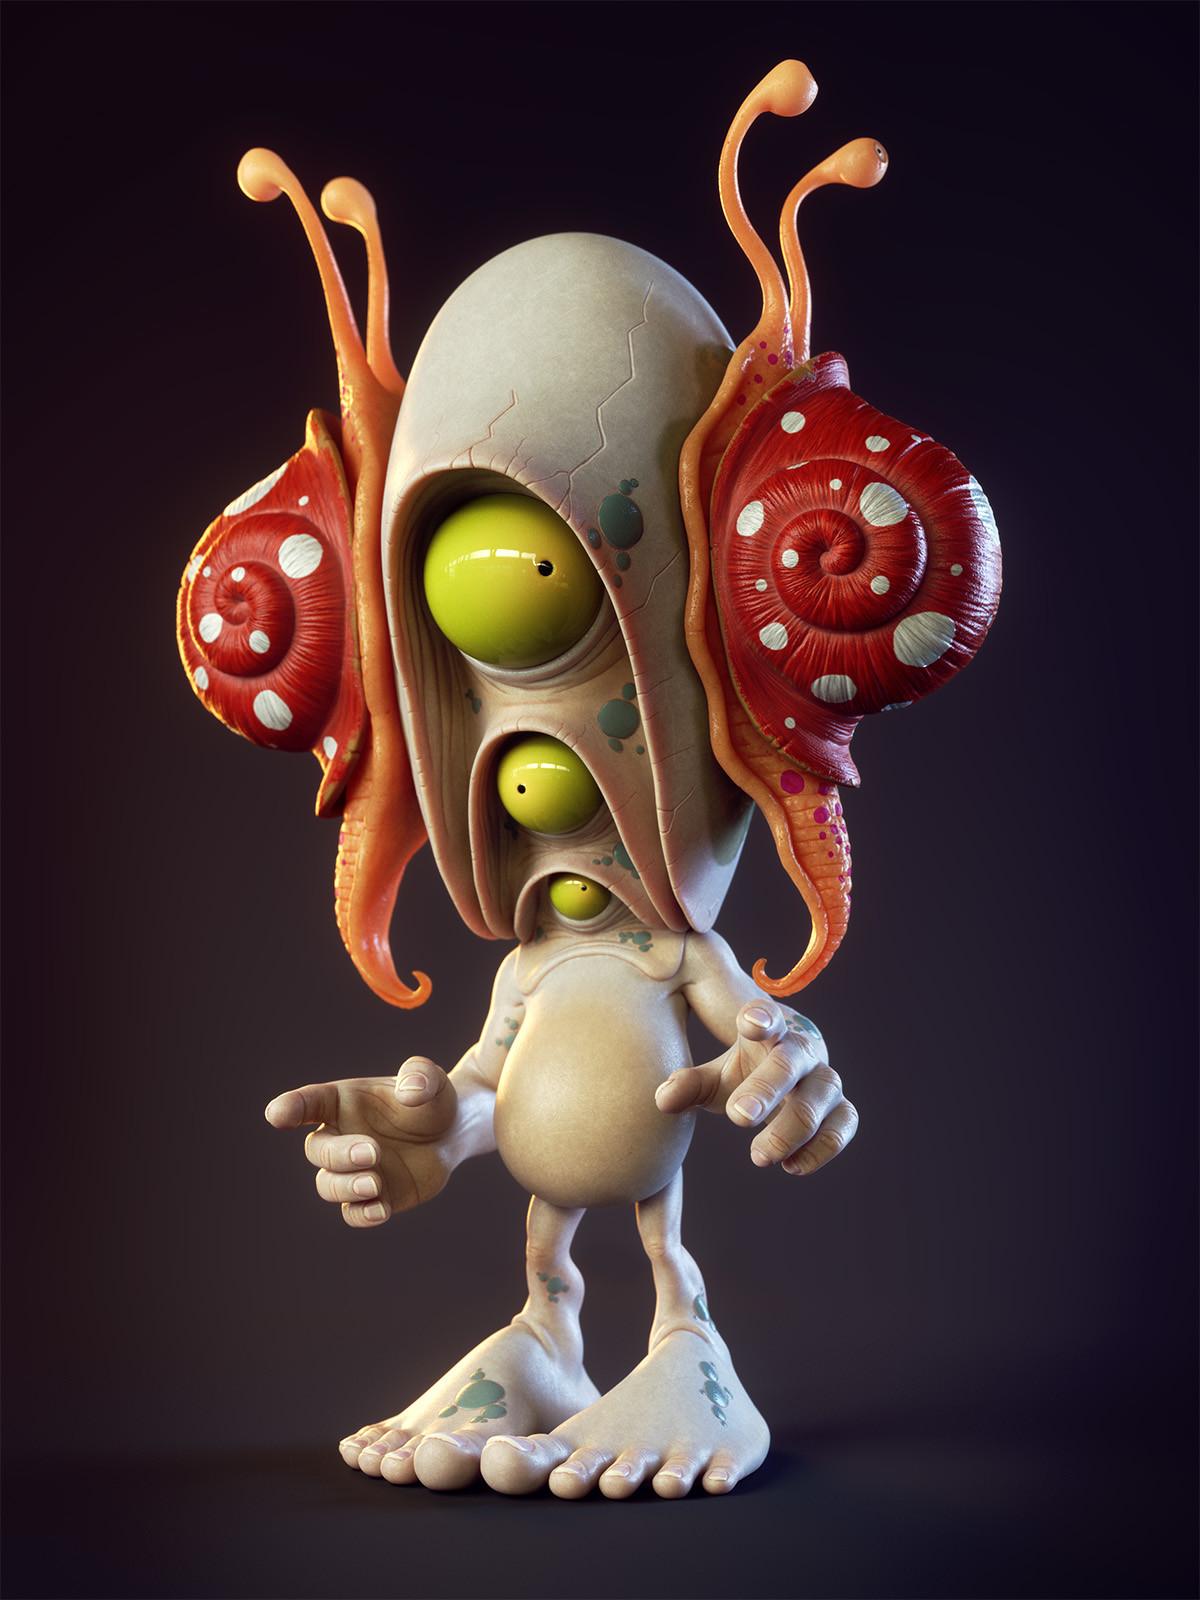 Snail Guy